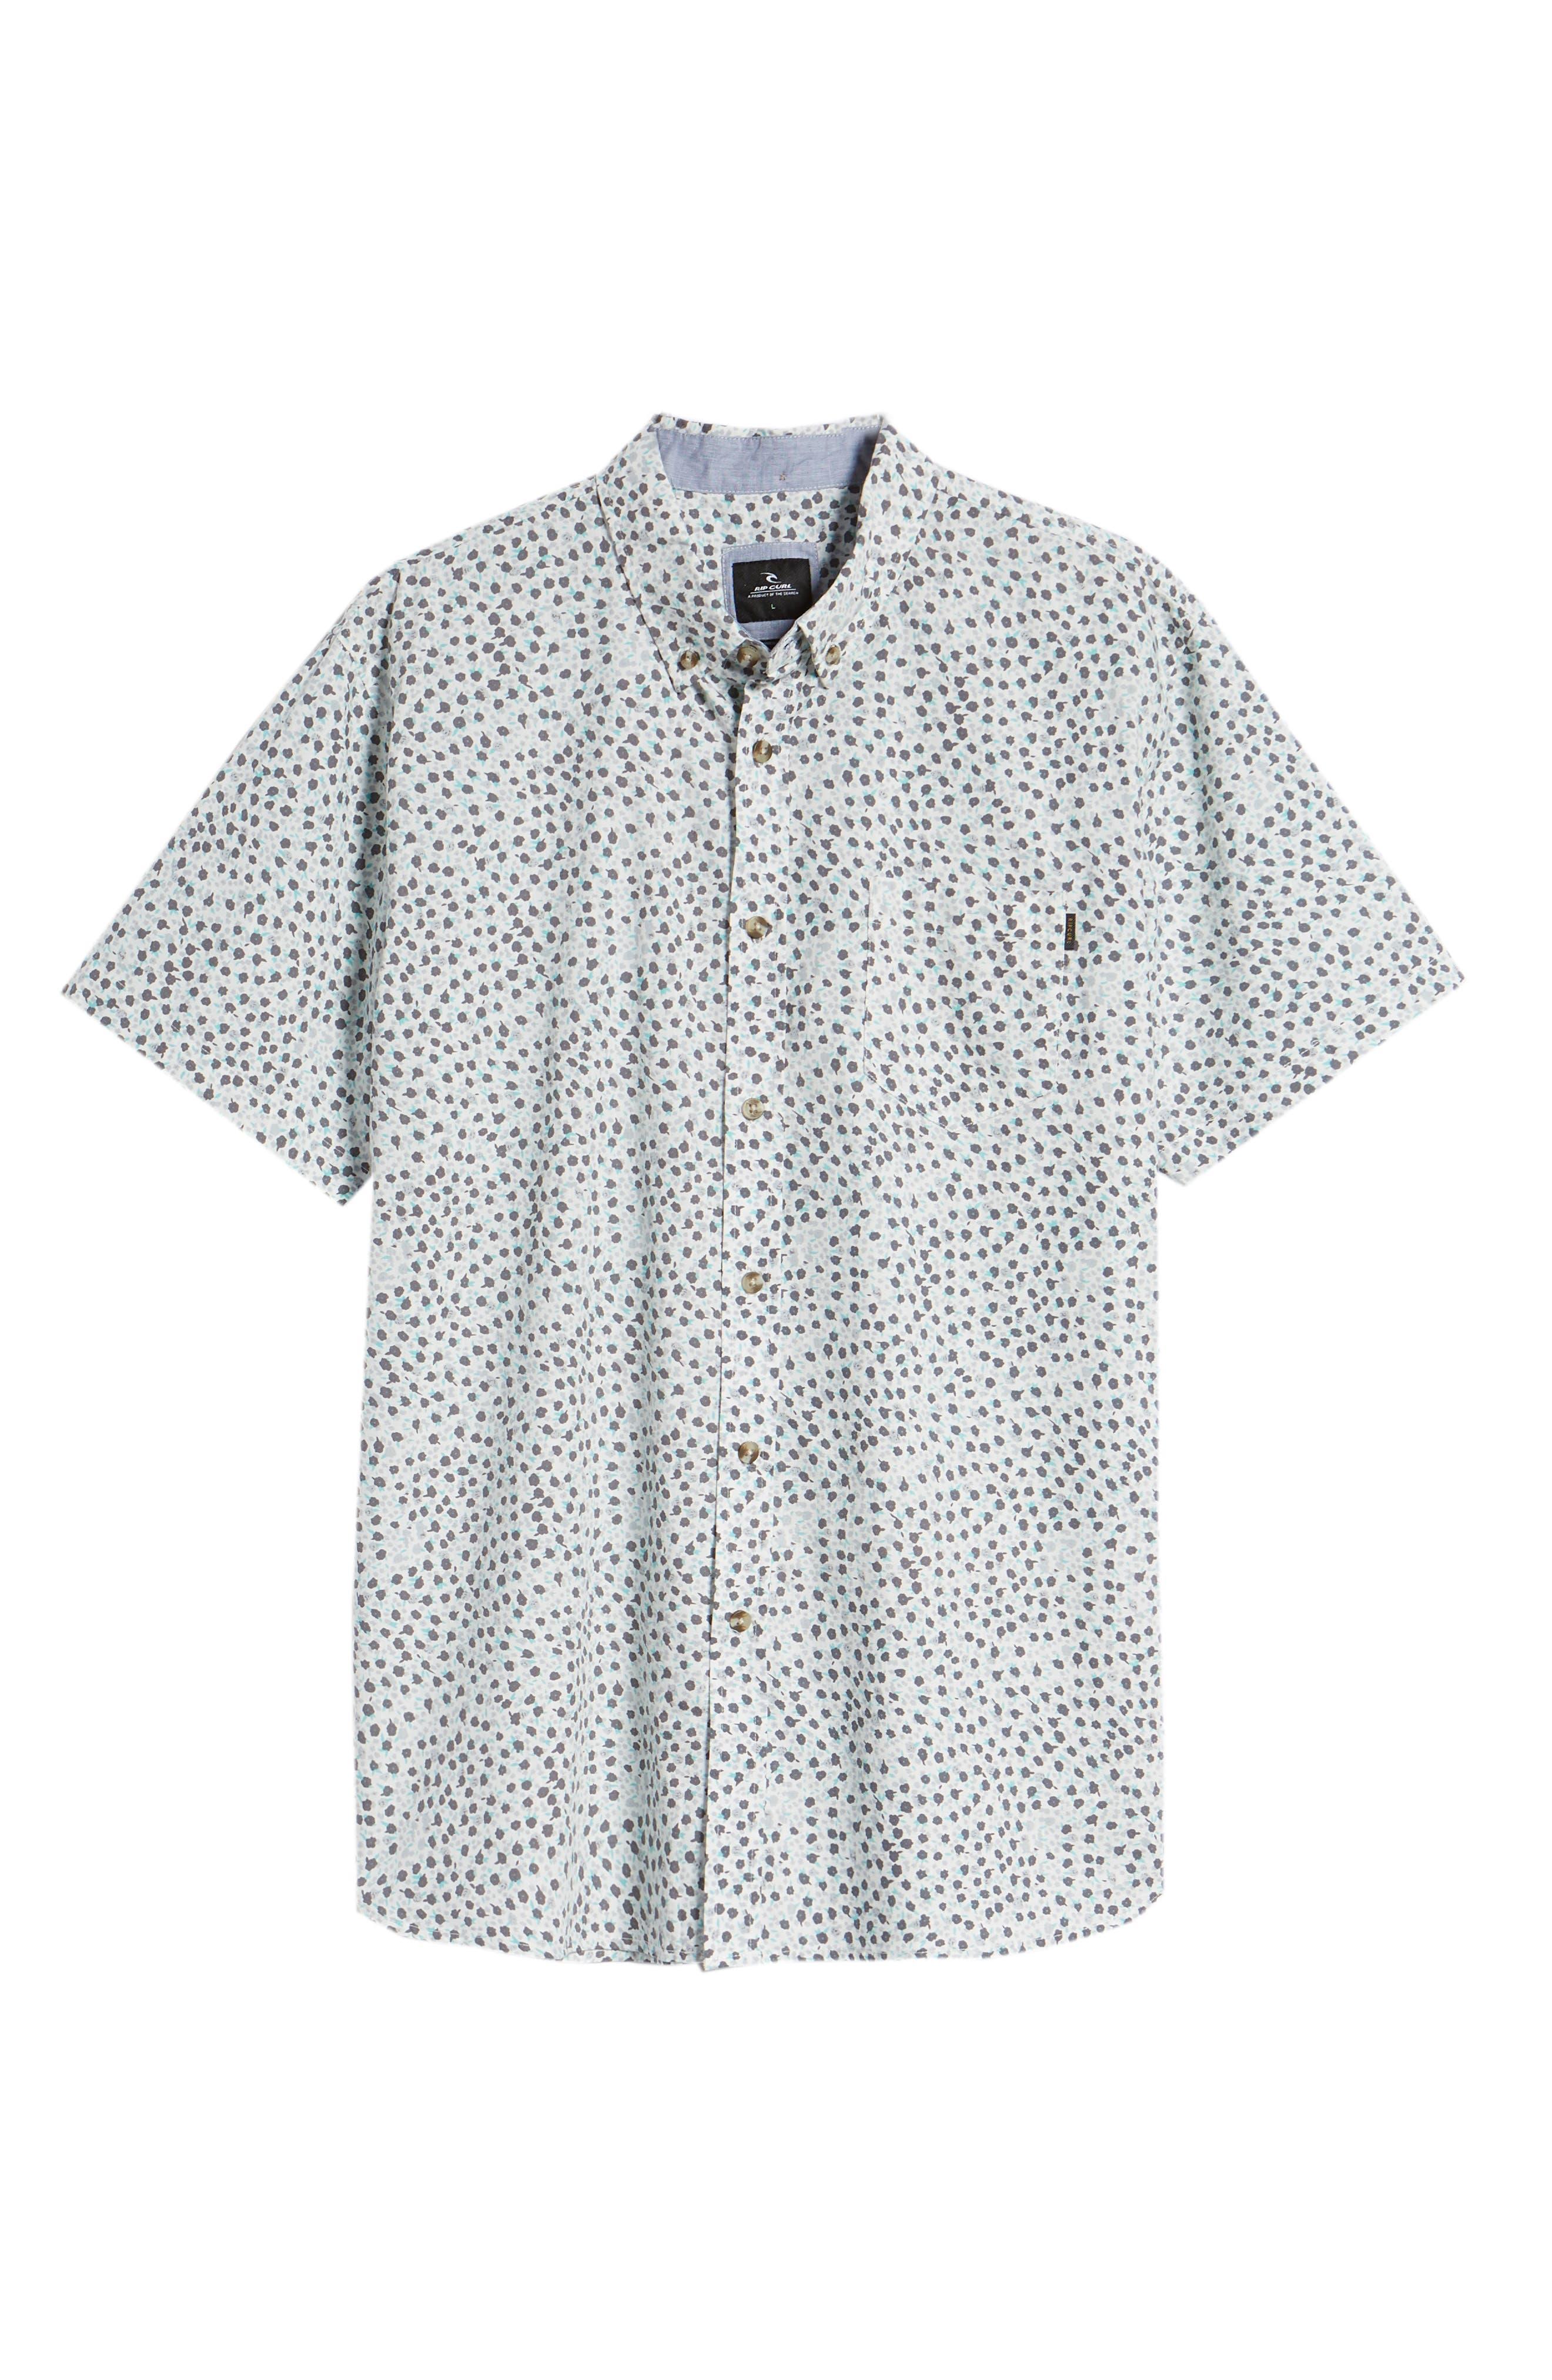 El Mirador Woven Shirt,                             Alternate thumbnail 6, color,                             Off White